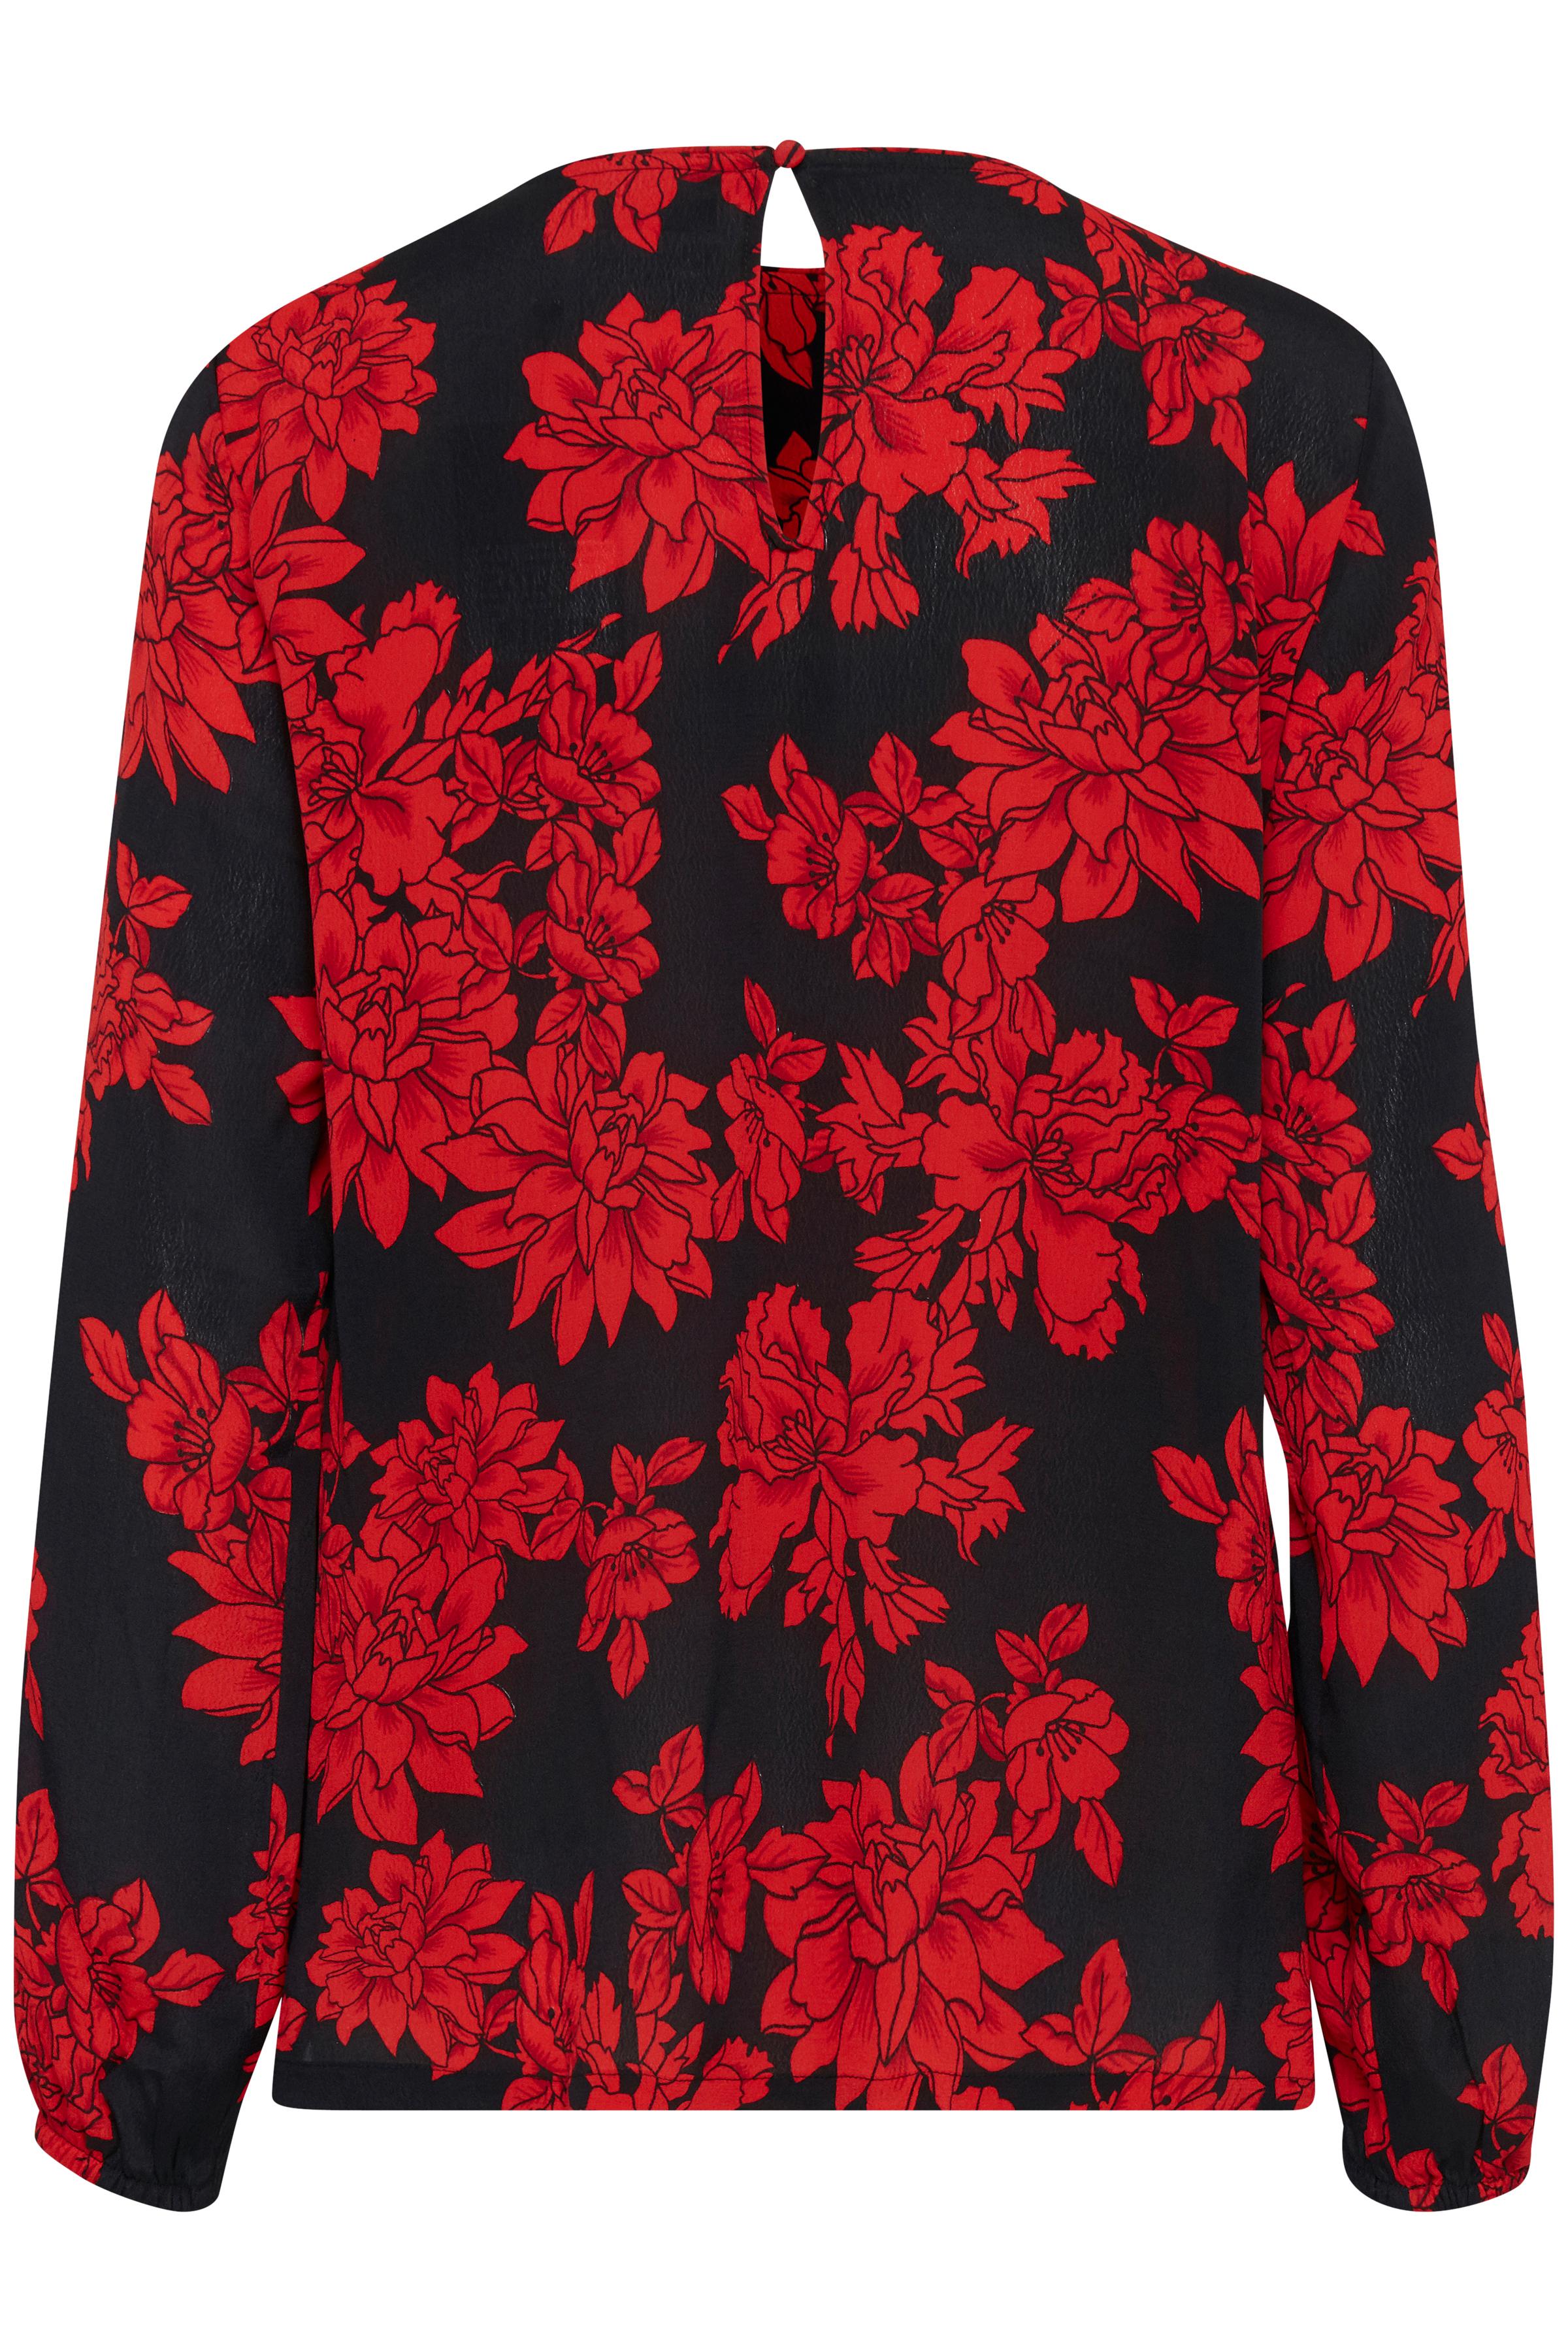 Black w. red flowers Blouse met lange mouwen van b.young – Koop Black w. red flowers Blouse met lange mouwen hier van size 36-46